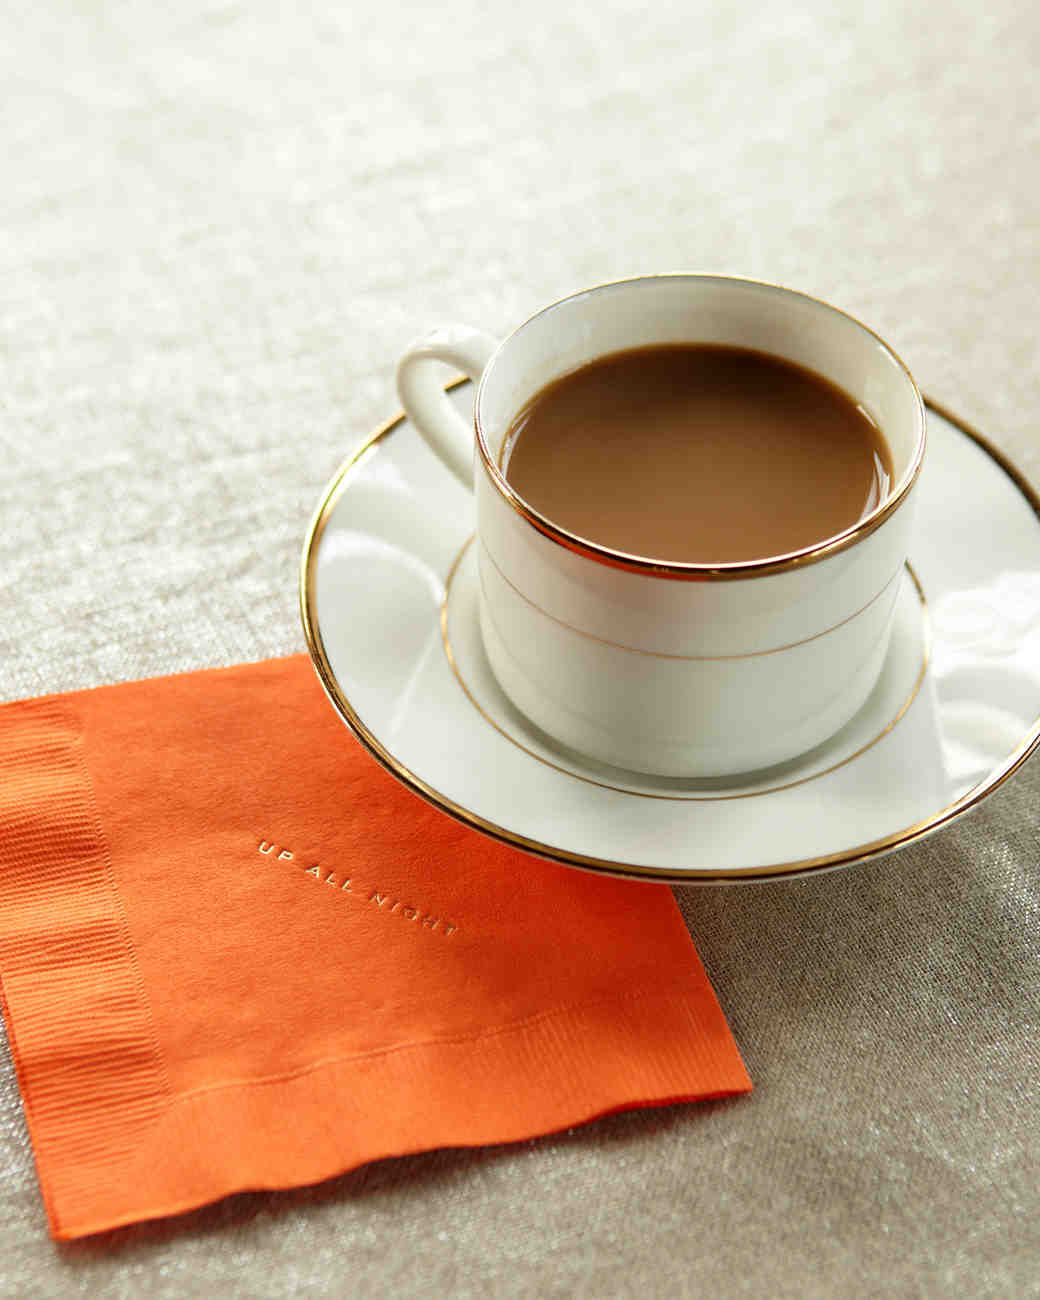 marnie-jamie-rw-wd108371-0051coffee.jpg